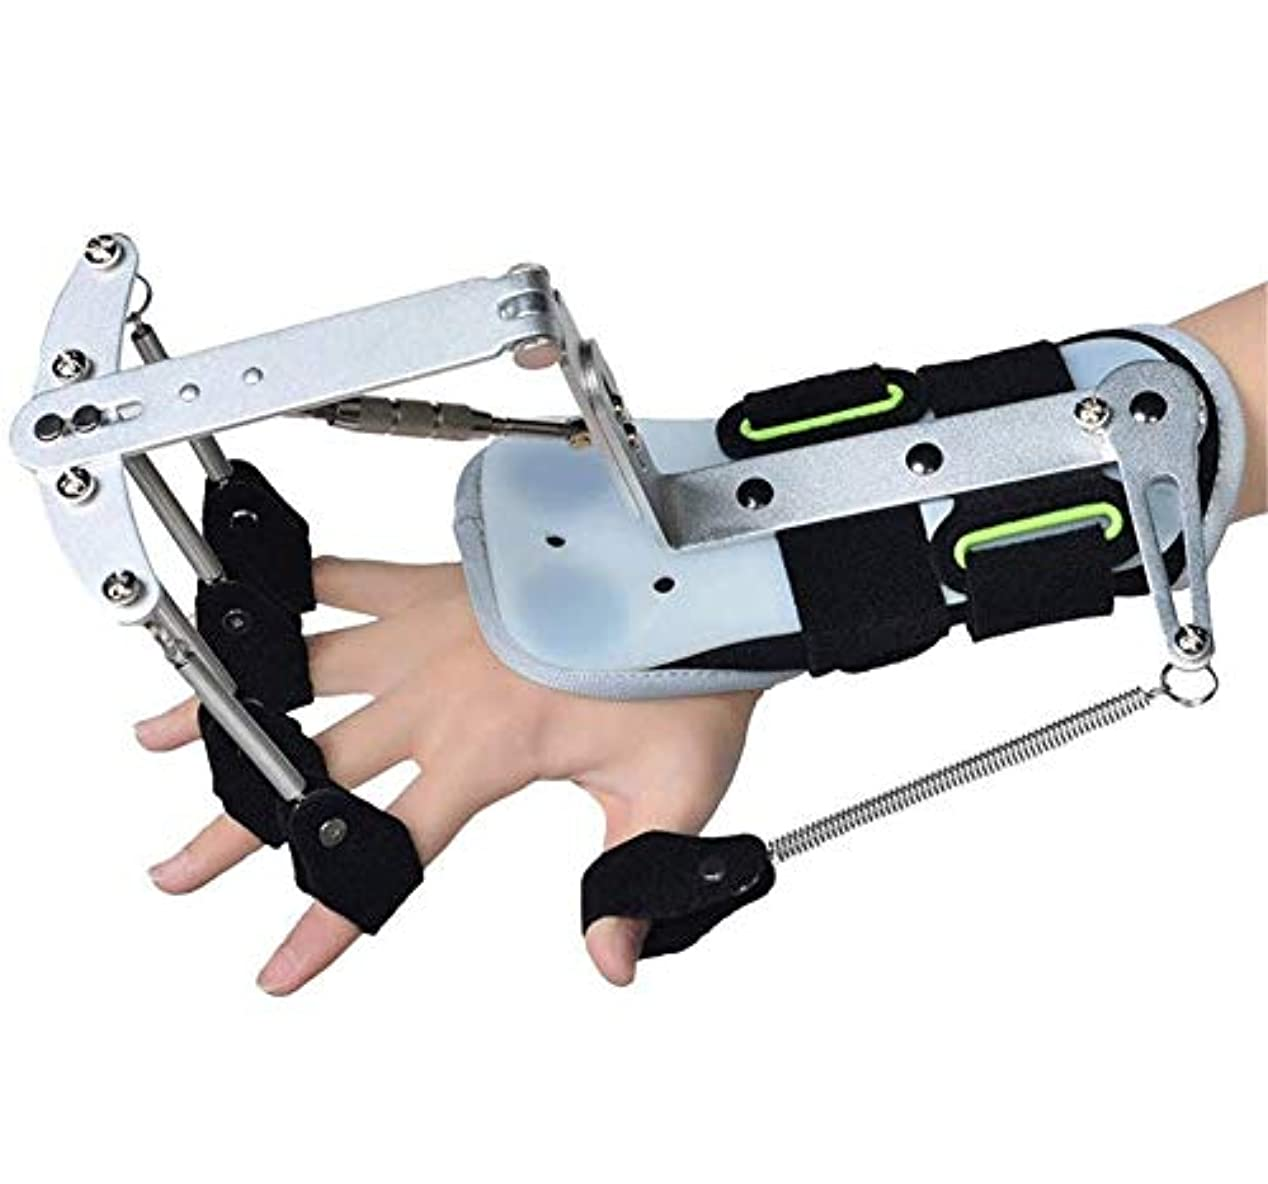 孤独自動確立手首OrthoticsAdjustableフィンガー、フィンガートレーナーハンドリハビリトレーニング指装具脳卒中片麻痺患者のあこがれ演習修復のため